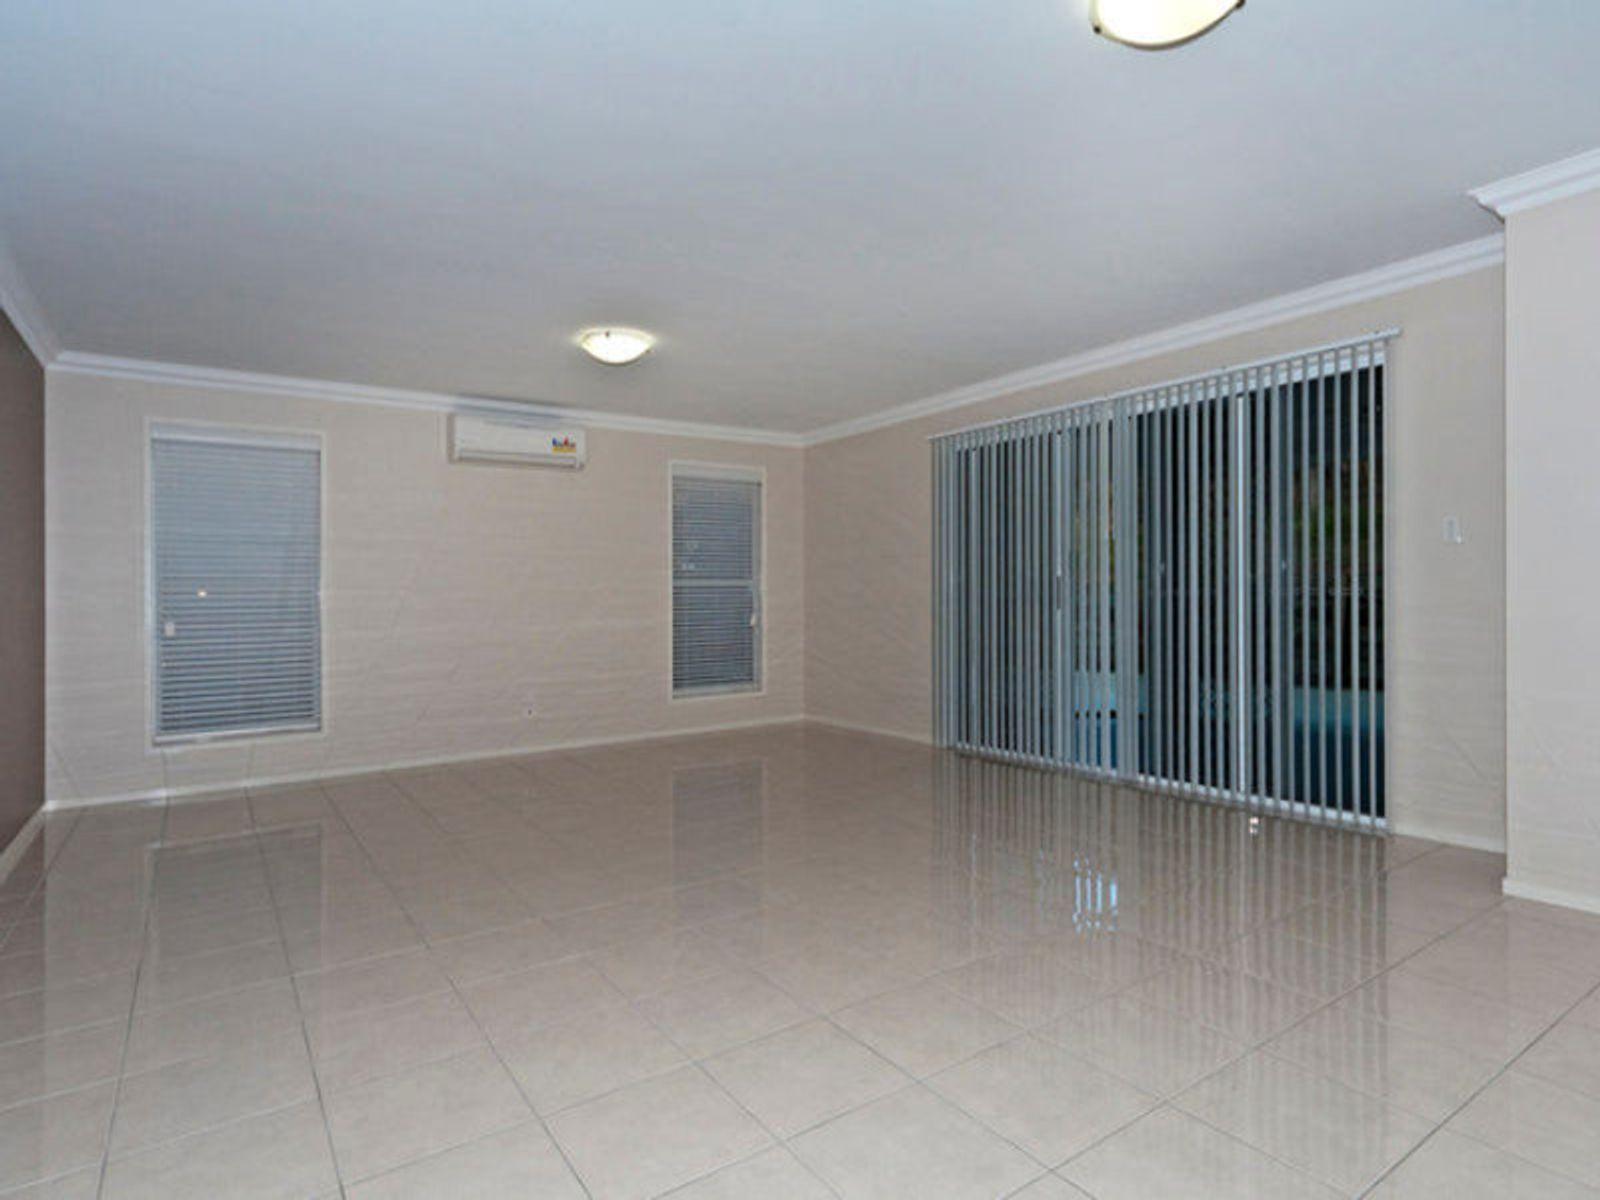 88 Hogg Street, Rockville, QLD 4350